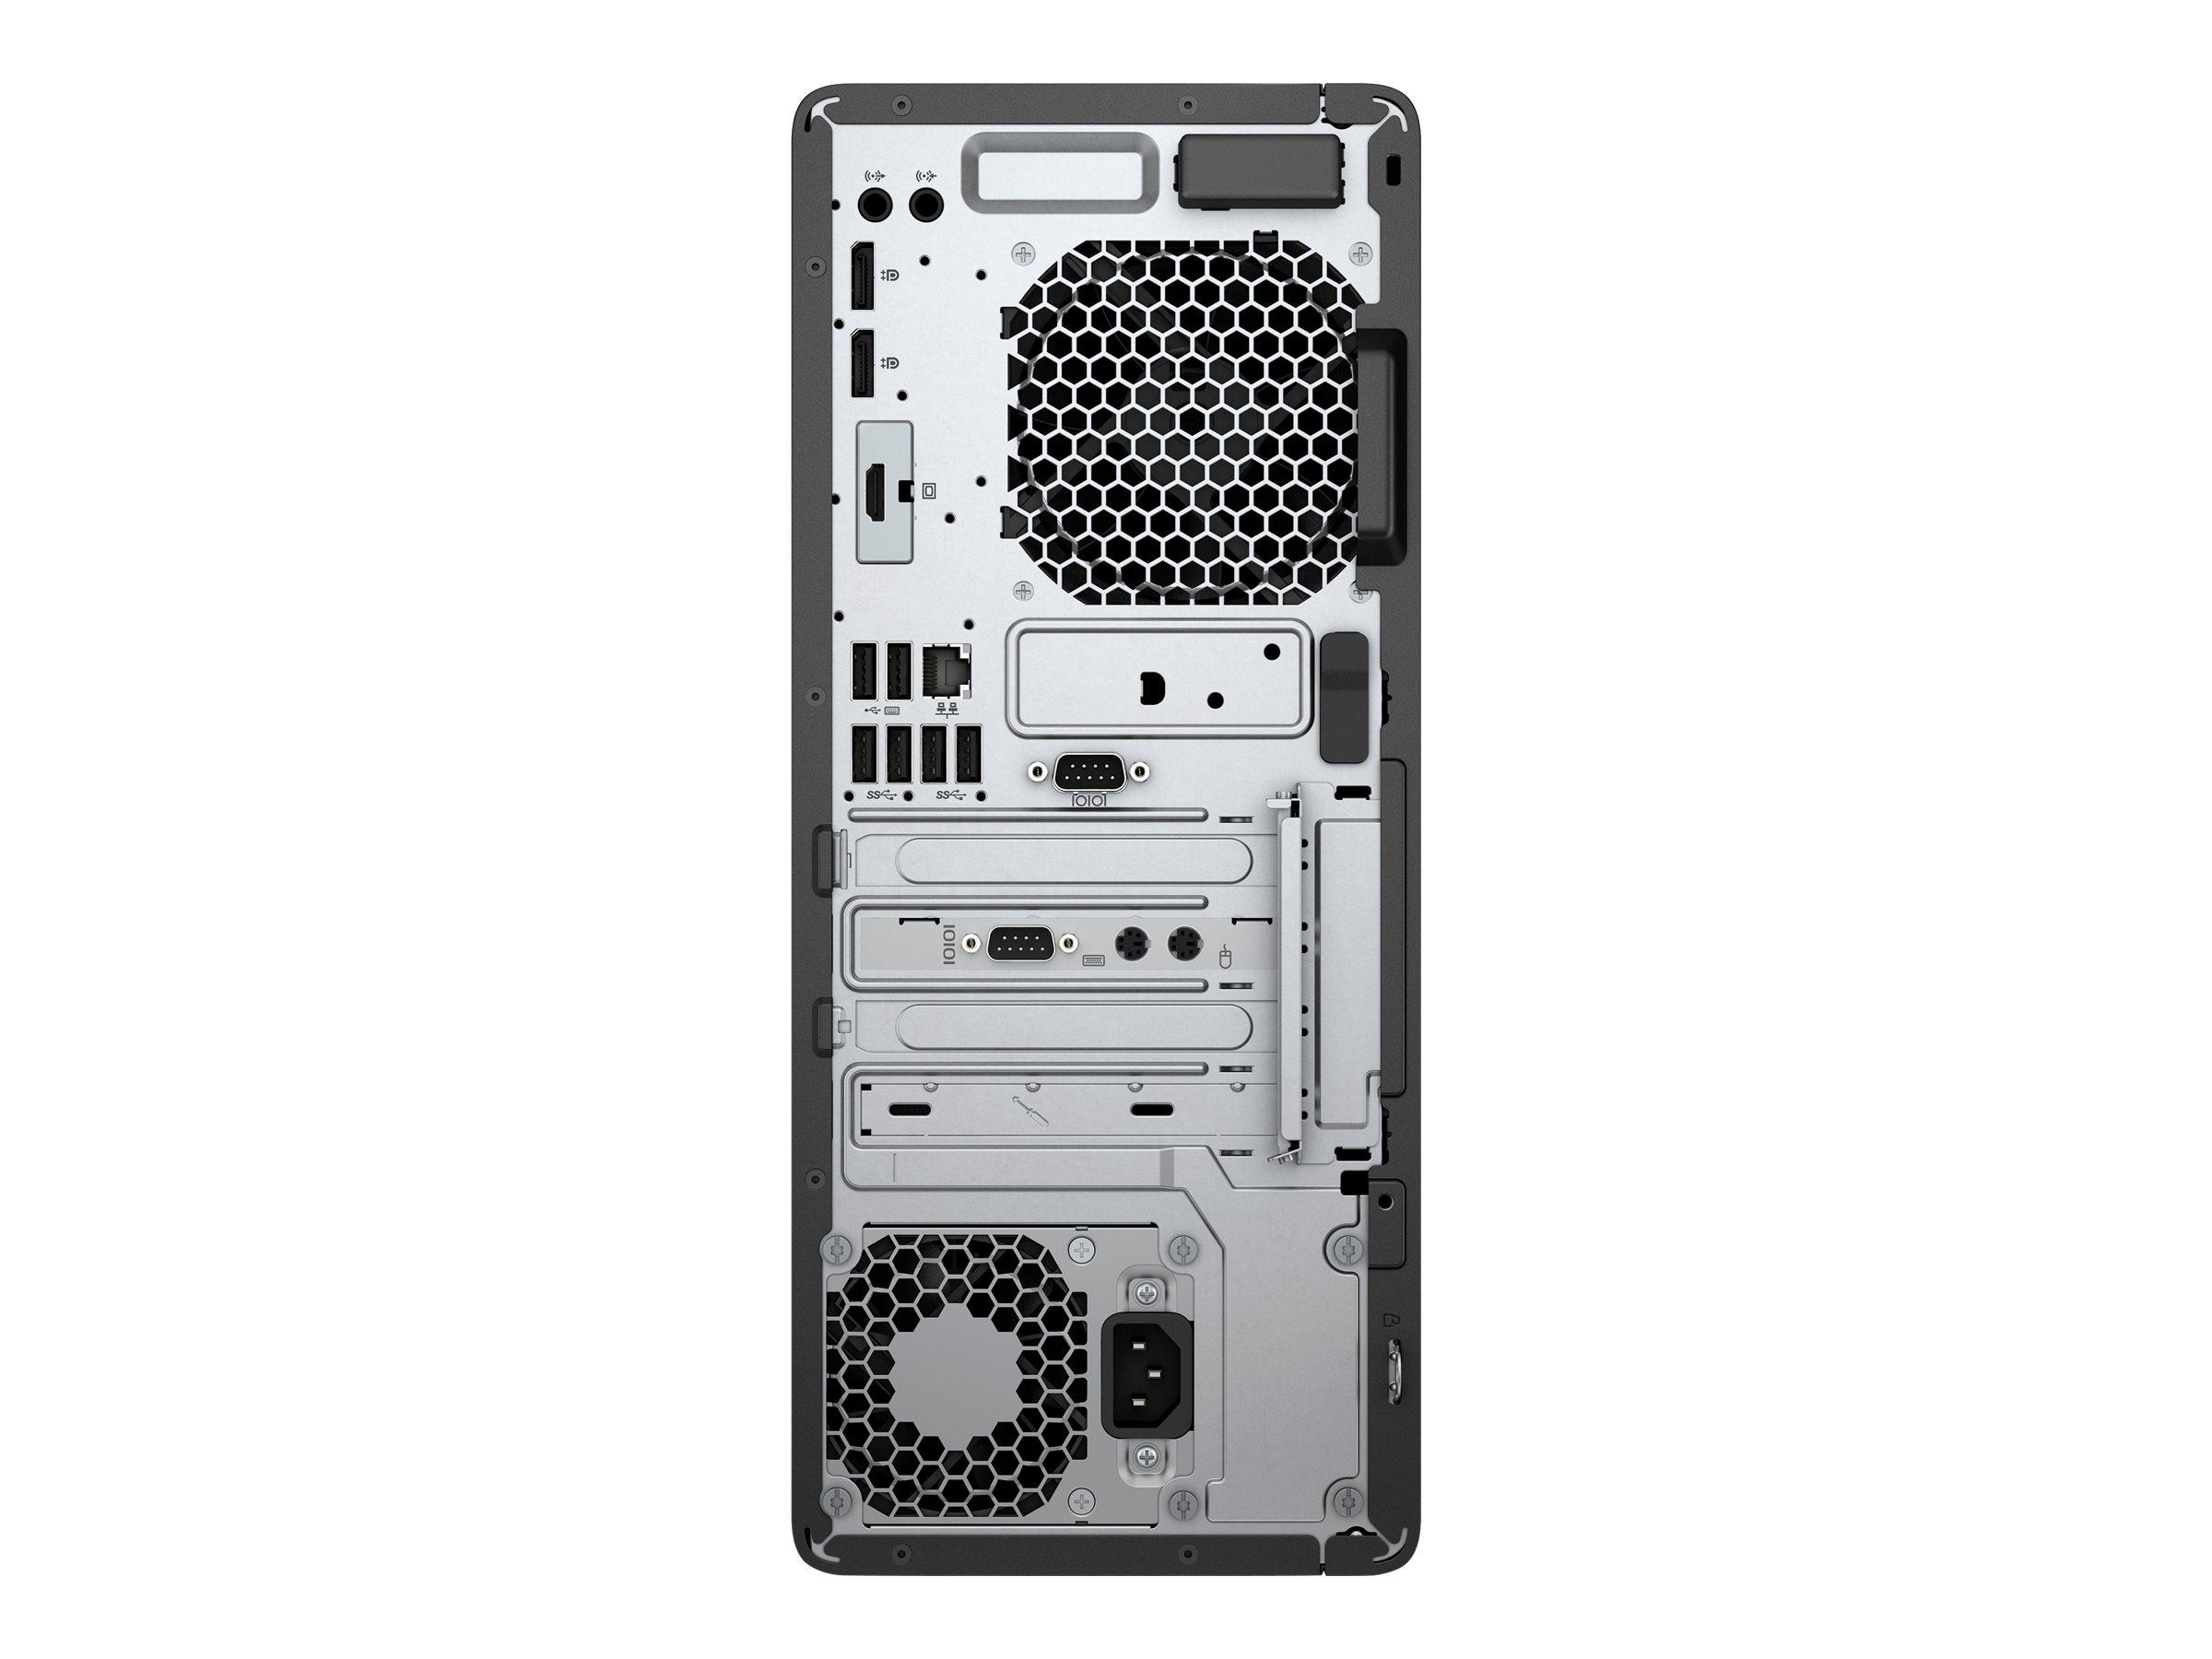 DCS - Personlig Stationær - HP EliteDesk 800 G3 TWR i7-7700